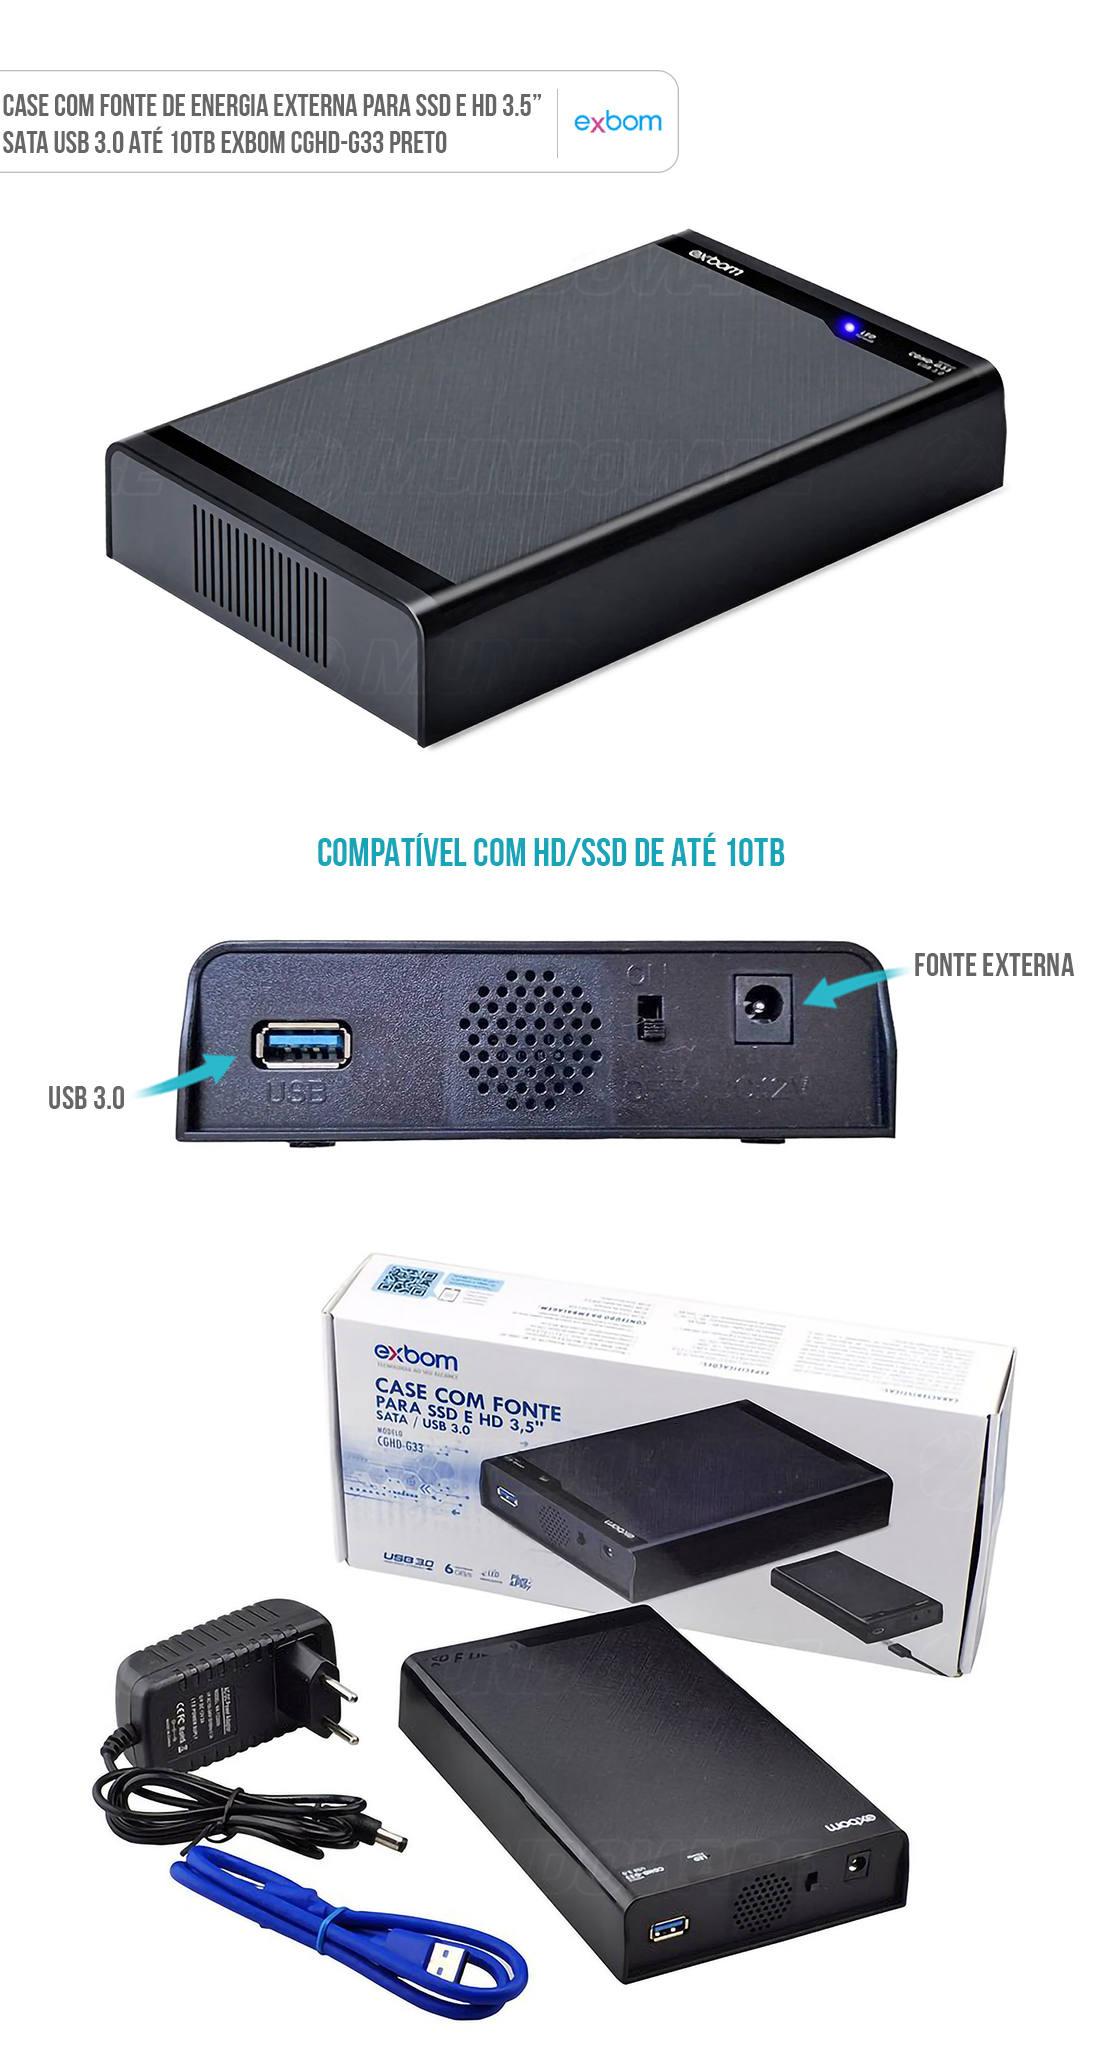 Case para SSD e HD 3.5 Polegadas SATA USB 3.0 com Fonte de Energia Exbom CGHD-G33 Preto